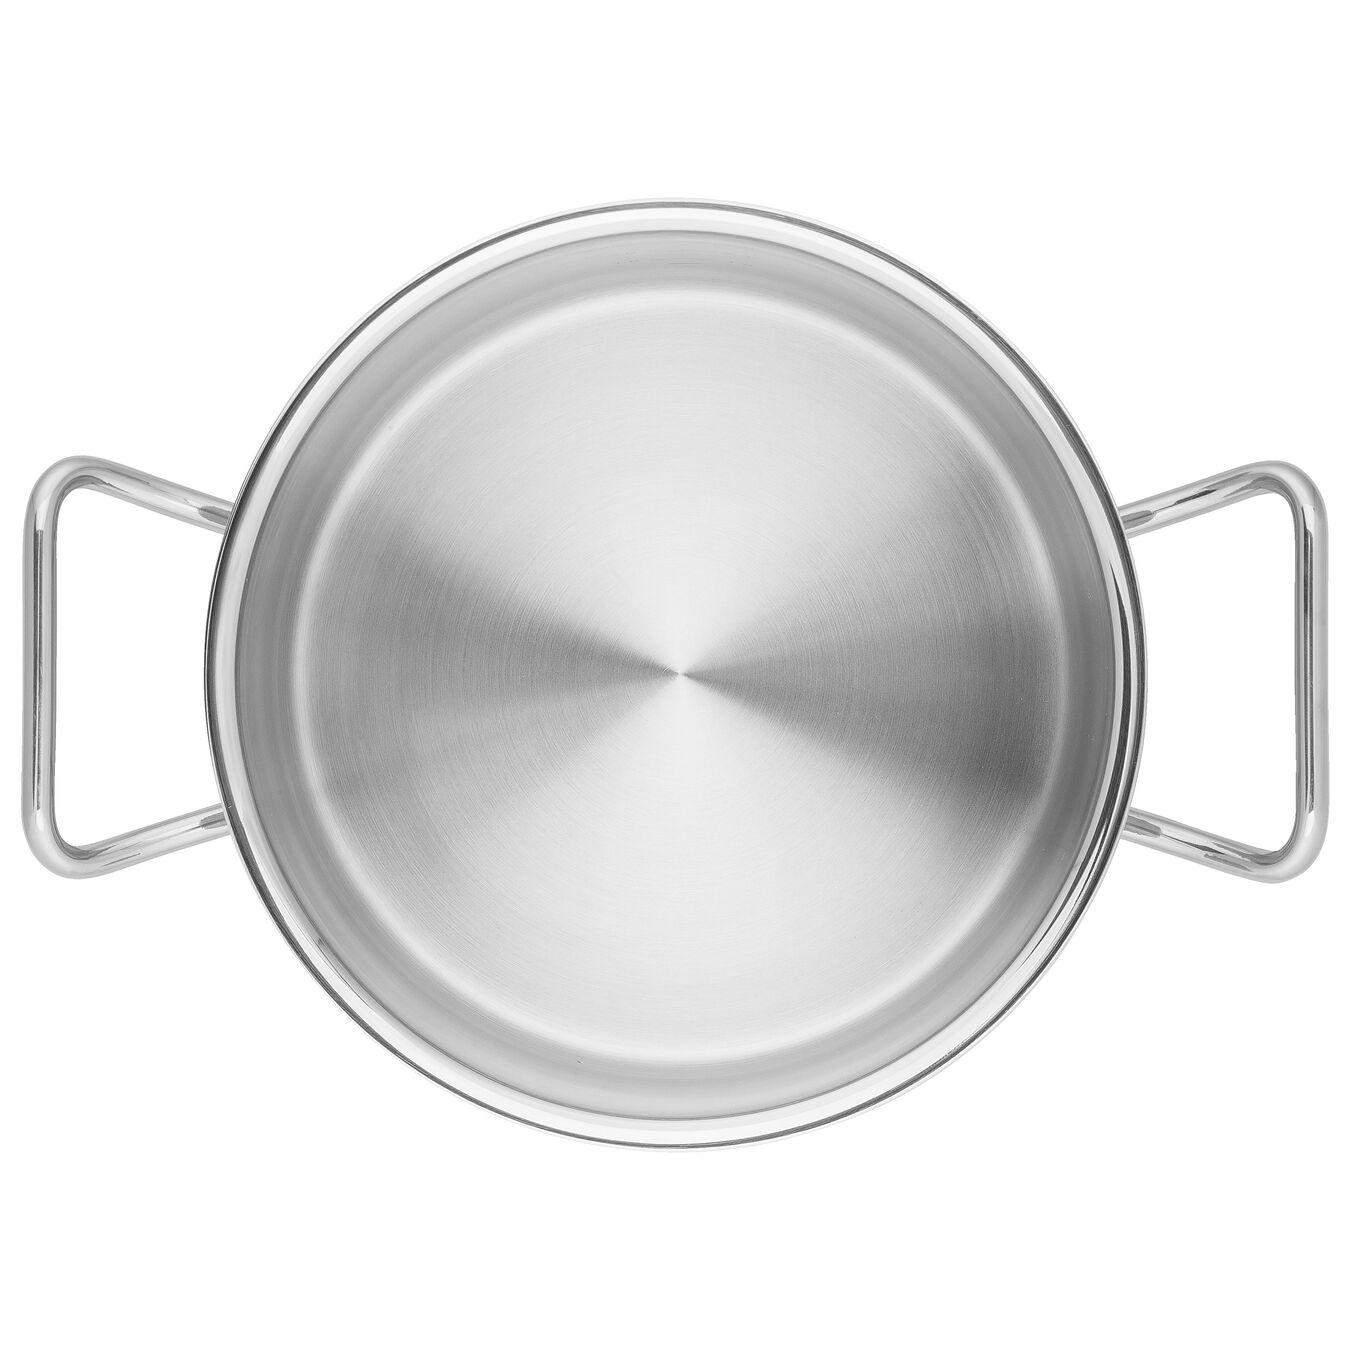 Pentola alta - 28 cm, 18/10 acciaio inossidabile,,large 6